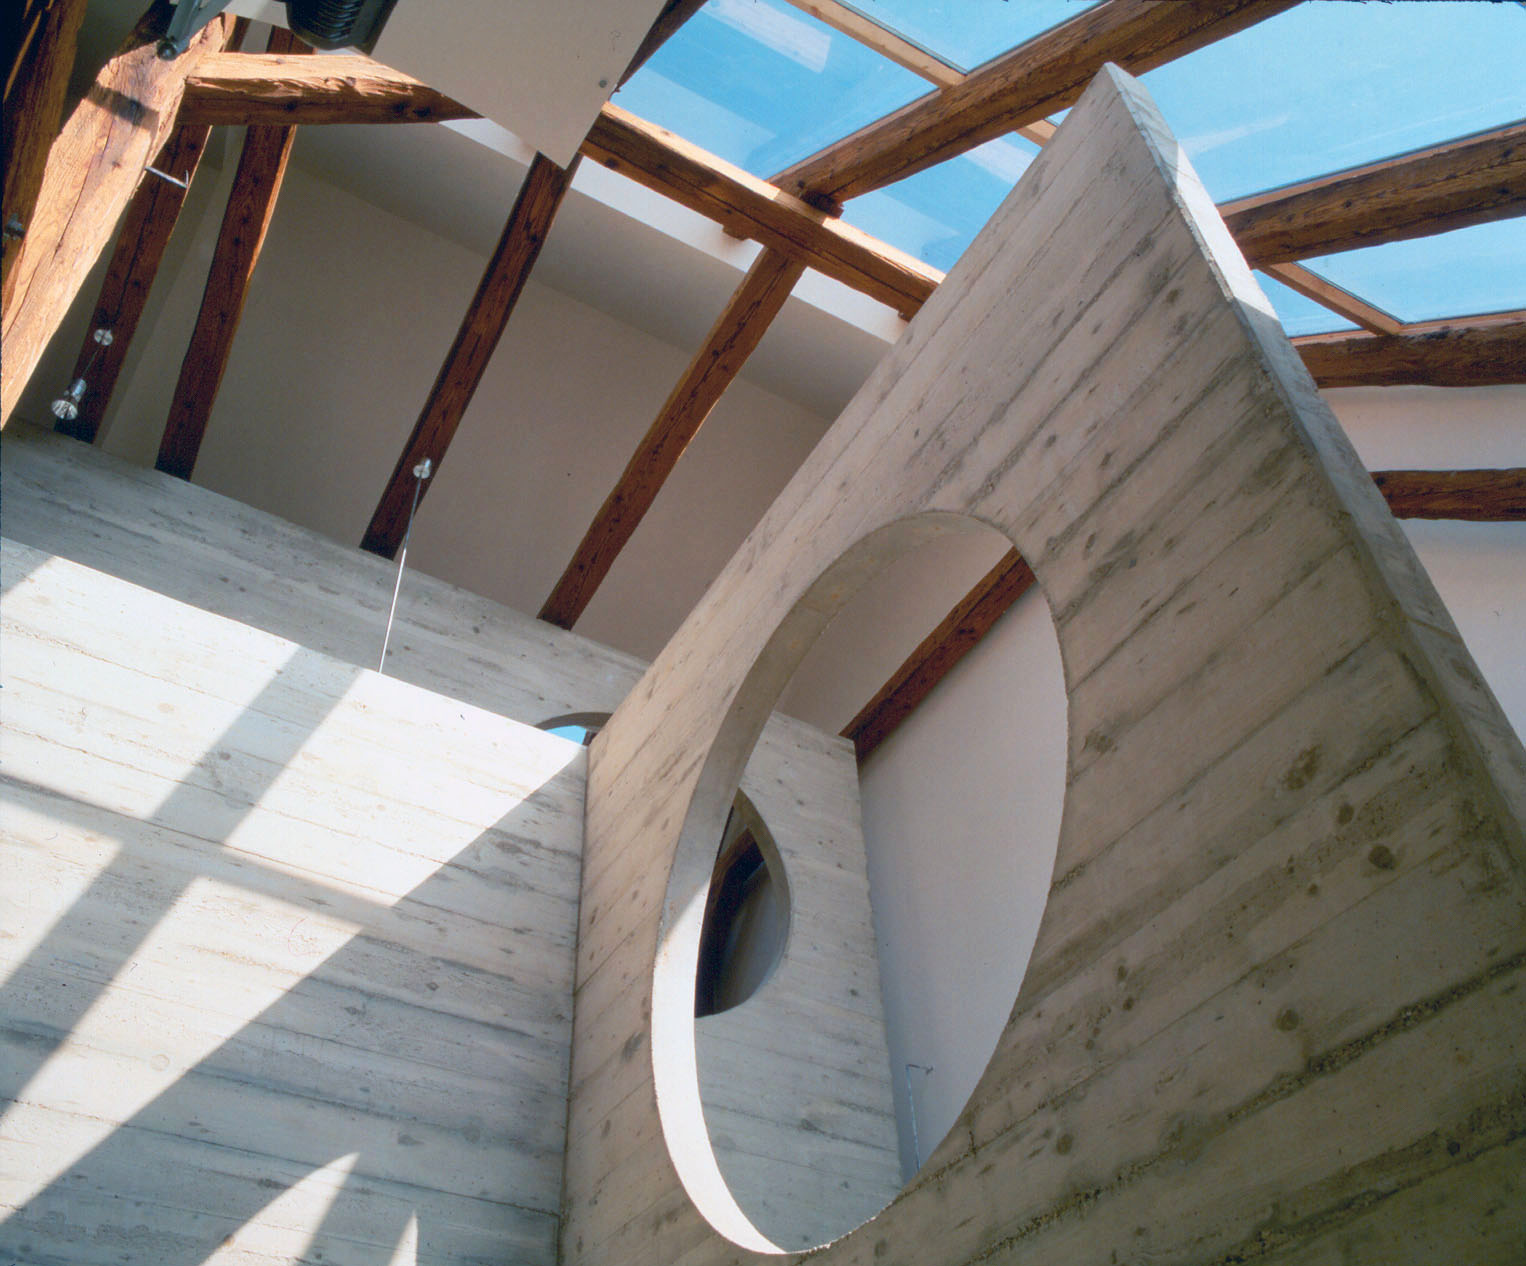 <p>© RUNSER / PRANTL architekten, Lanzendorfer Mühle Revitalisierung, 2130 Mistelbach, Niederösterreich, Österreich, 1993, Wohnhaus, Ordination, Wohnung, Dachbodenausbau, Fotograf Margherita Spiluttini</p>